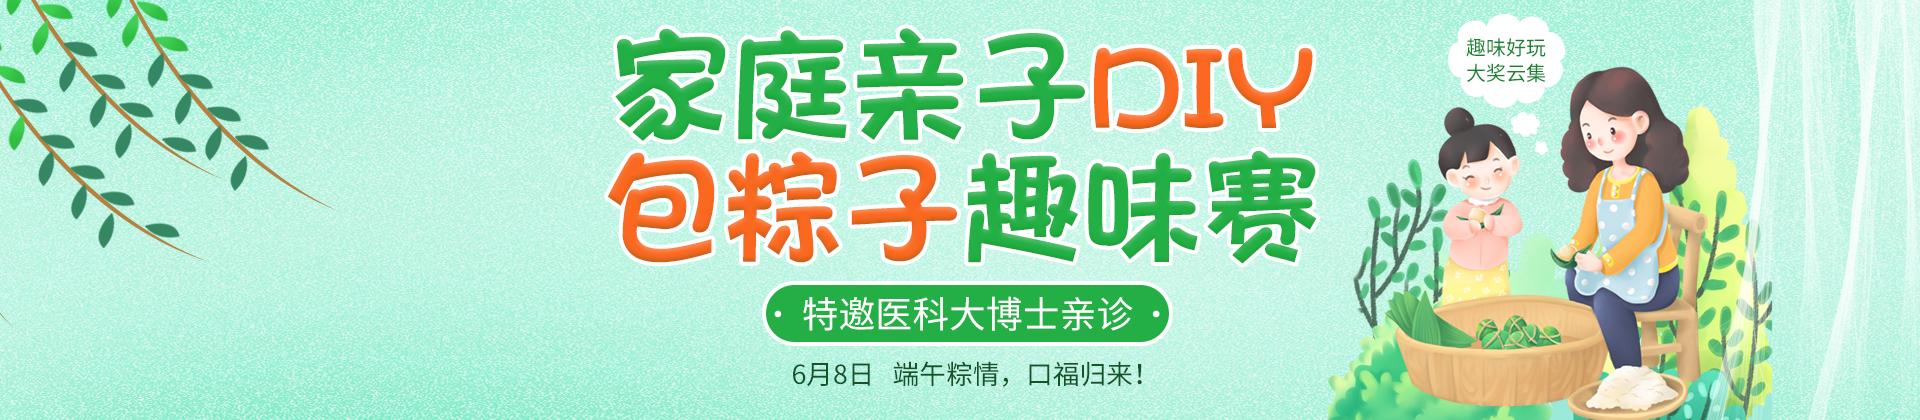 端午粽情 家庭亲子DIY包粽子趣味赛